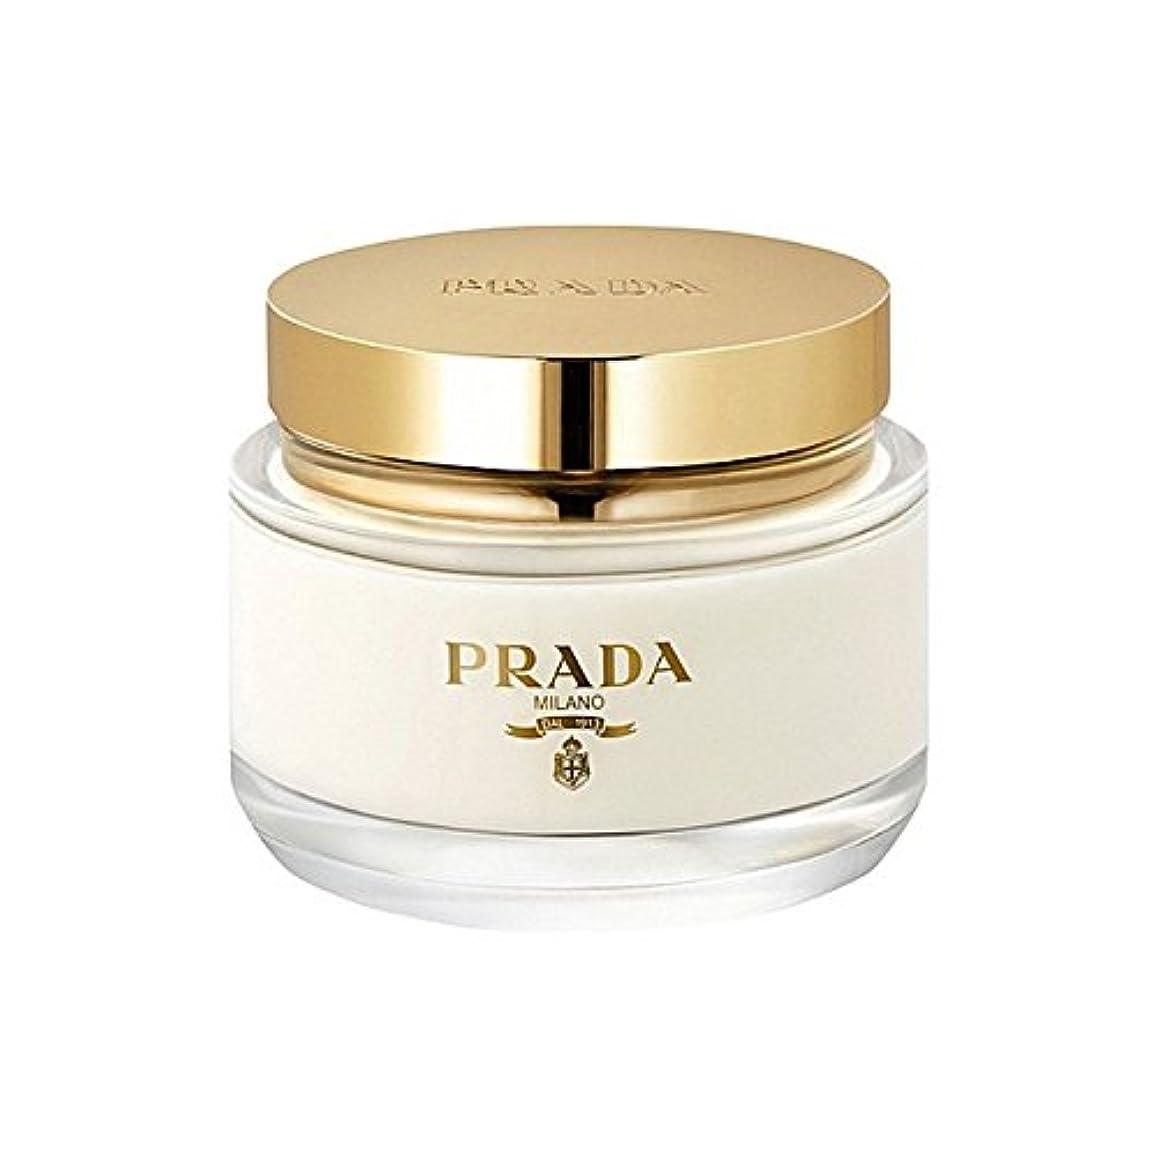 ファックスプロテスタント市場Prada La Femme Body Cream 200ml - プラダラファムボディクリーム200ミリリットル [並行輸入品]